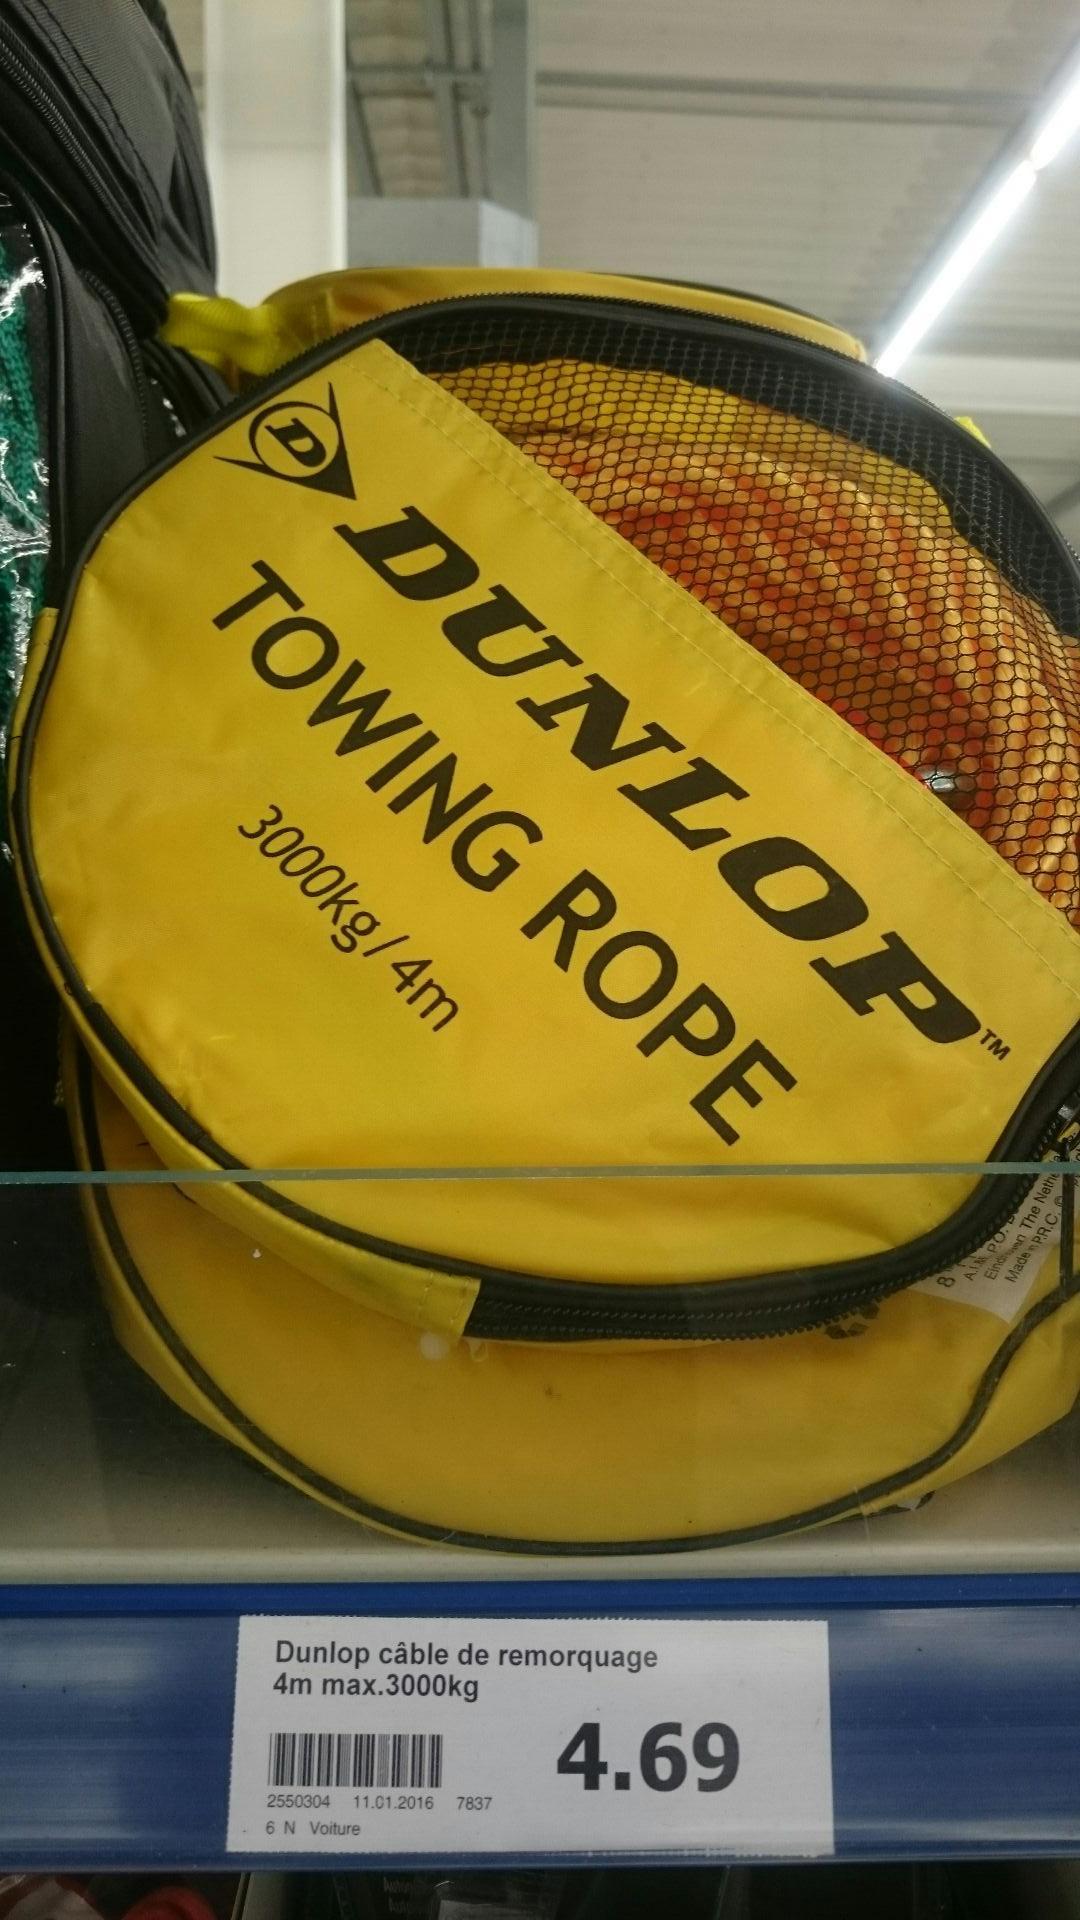 Câble de remorquage Dunlop 4m 3000kg